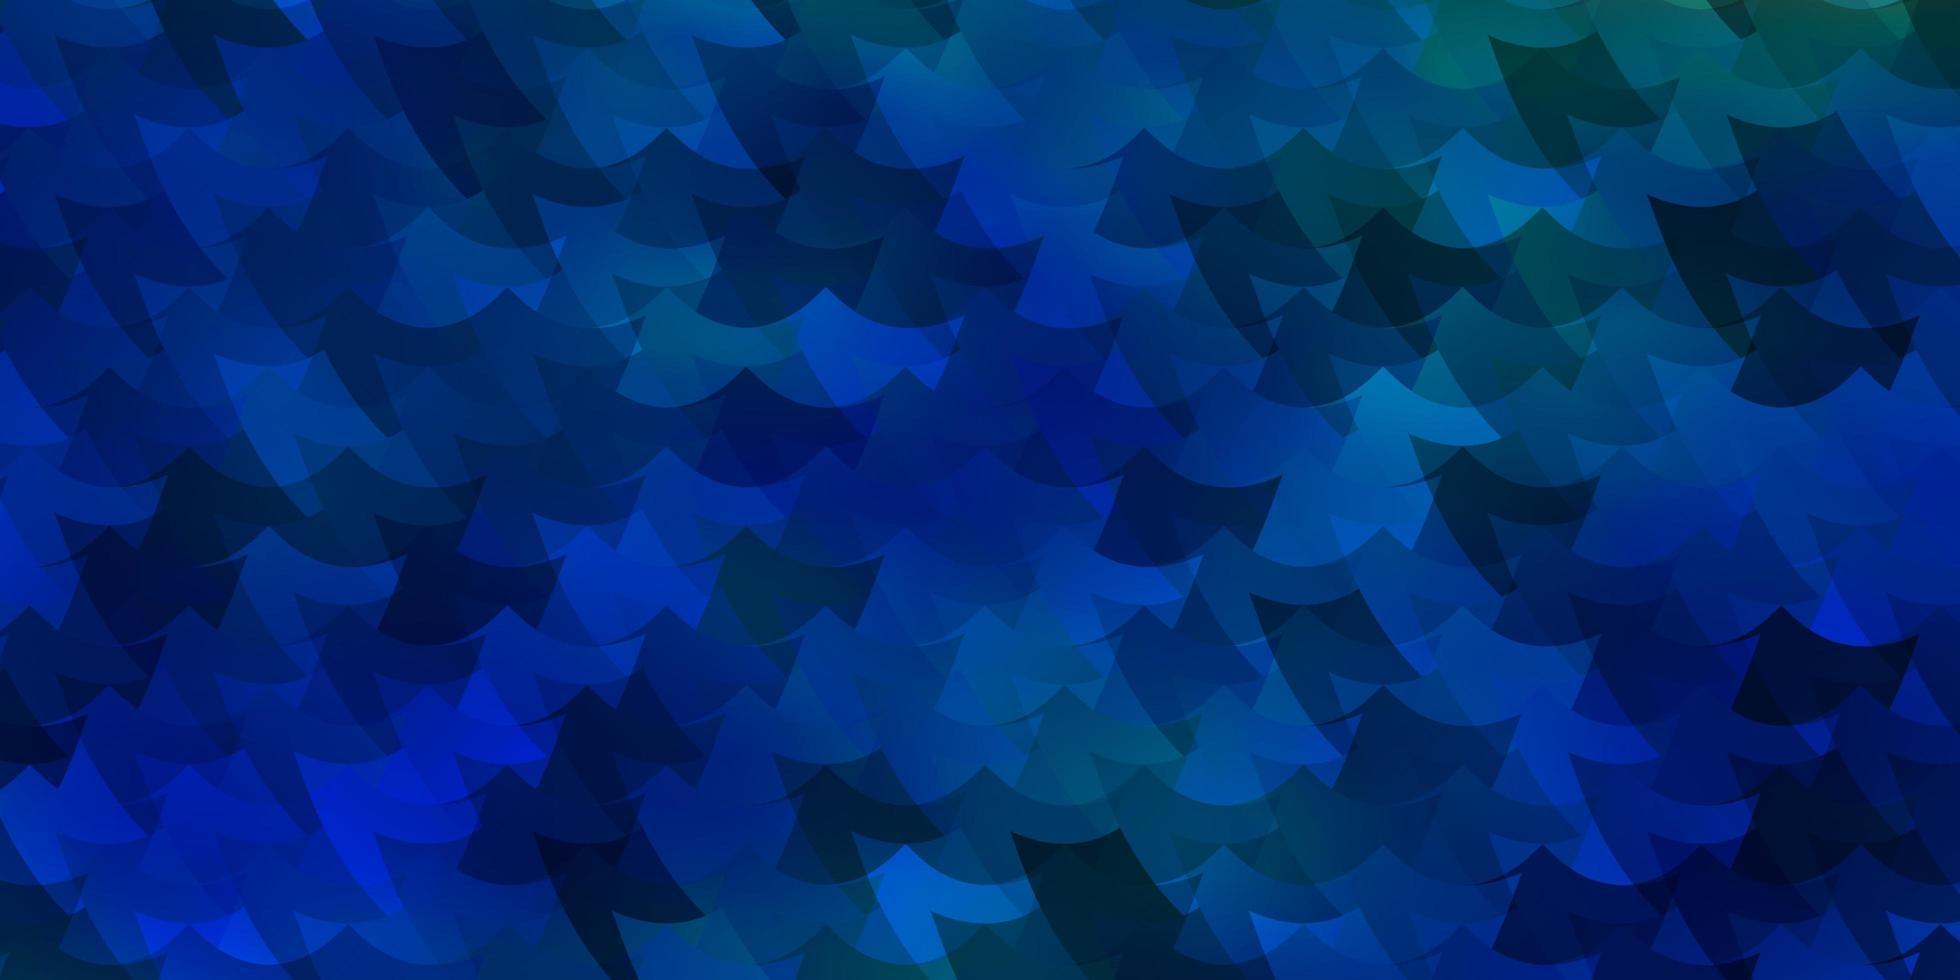 fundo azul com retângulos. vetor